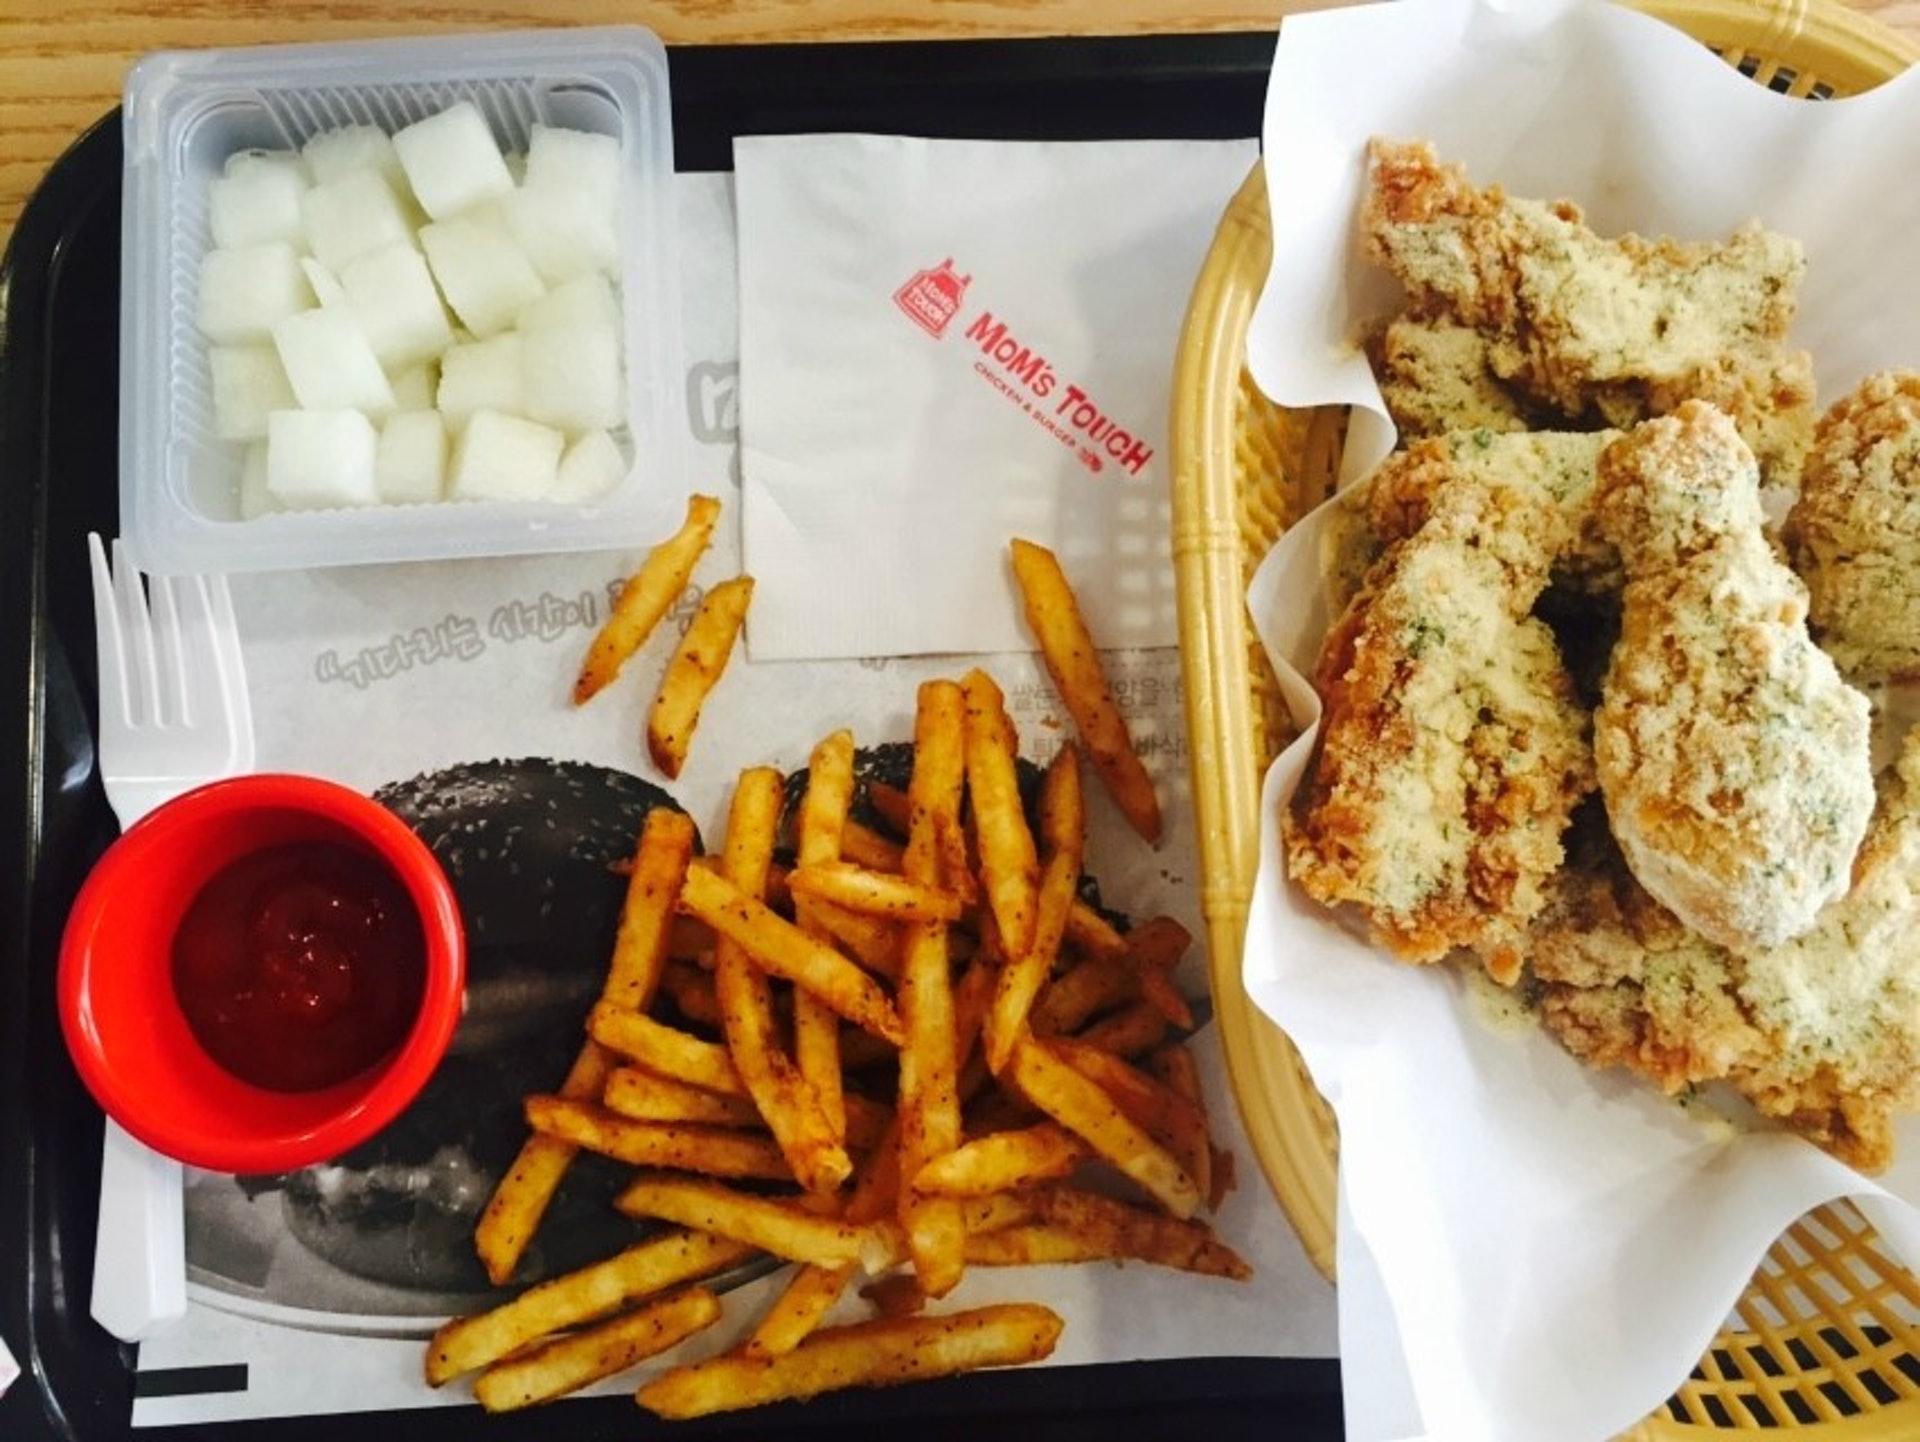 不少人为了它的炸鸡而来,多款热门口味任君选择,包括芝士、辣味、蒜味等。 (图片来源︰Naver Blog)